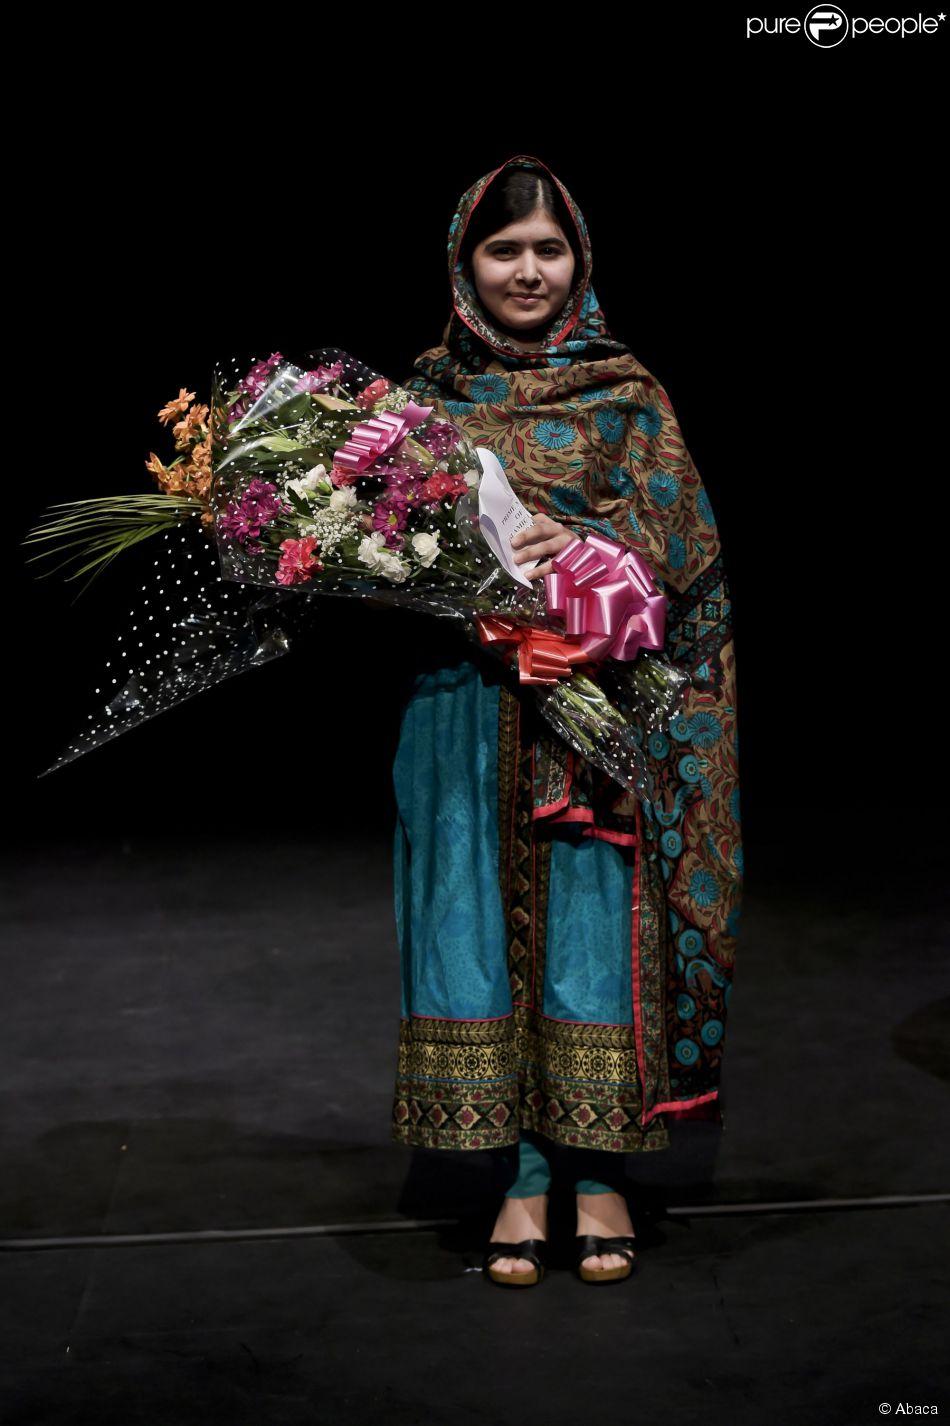 malala yousafzai laur ate du prix nobel de la paix lors d 39 une conf rence bi. Black Bedroom Furniture Sets. Home Design Ideas